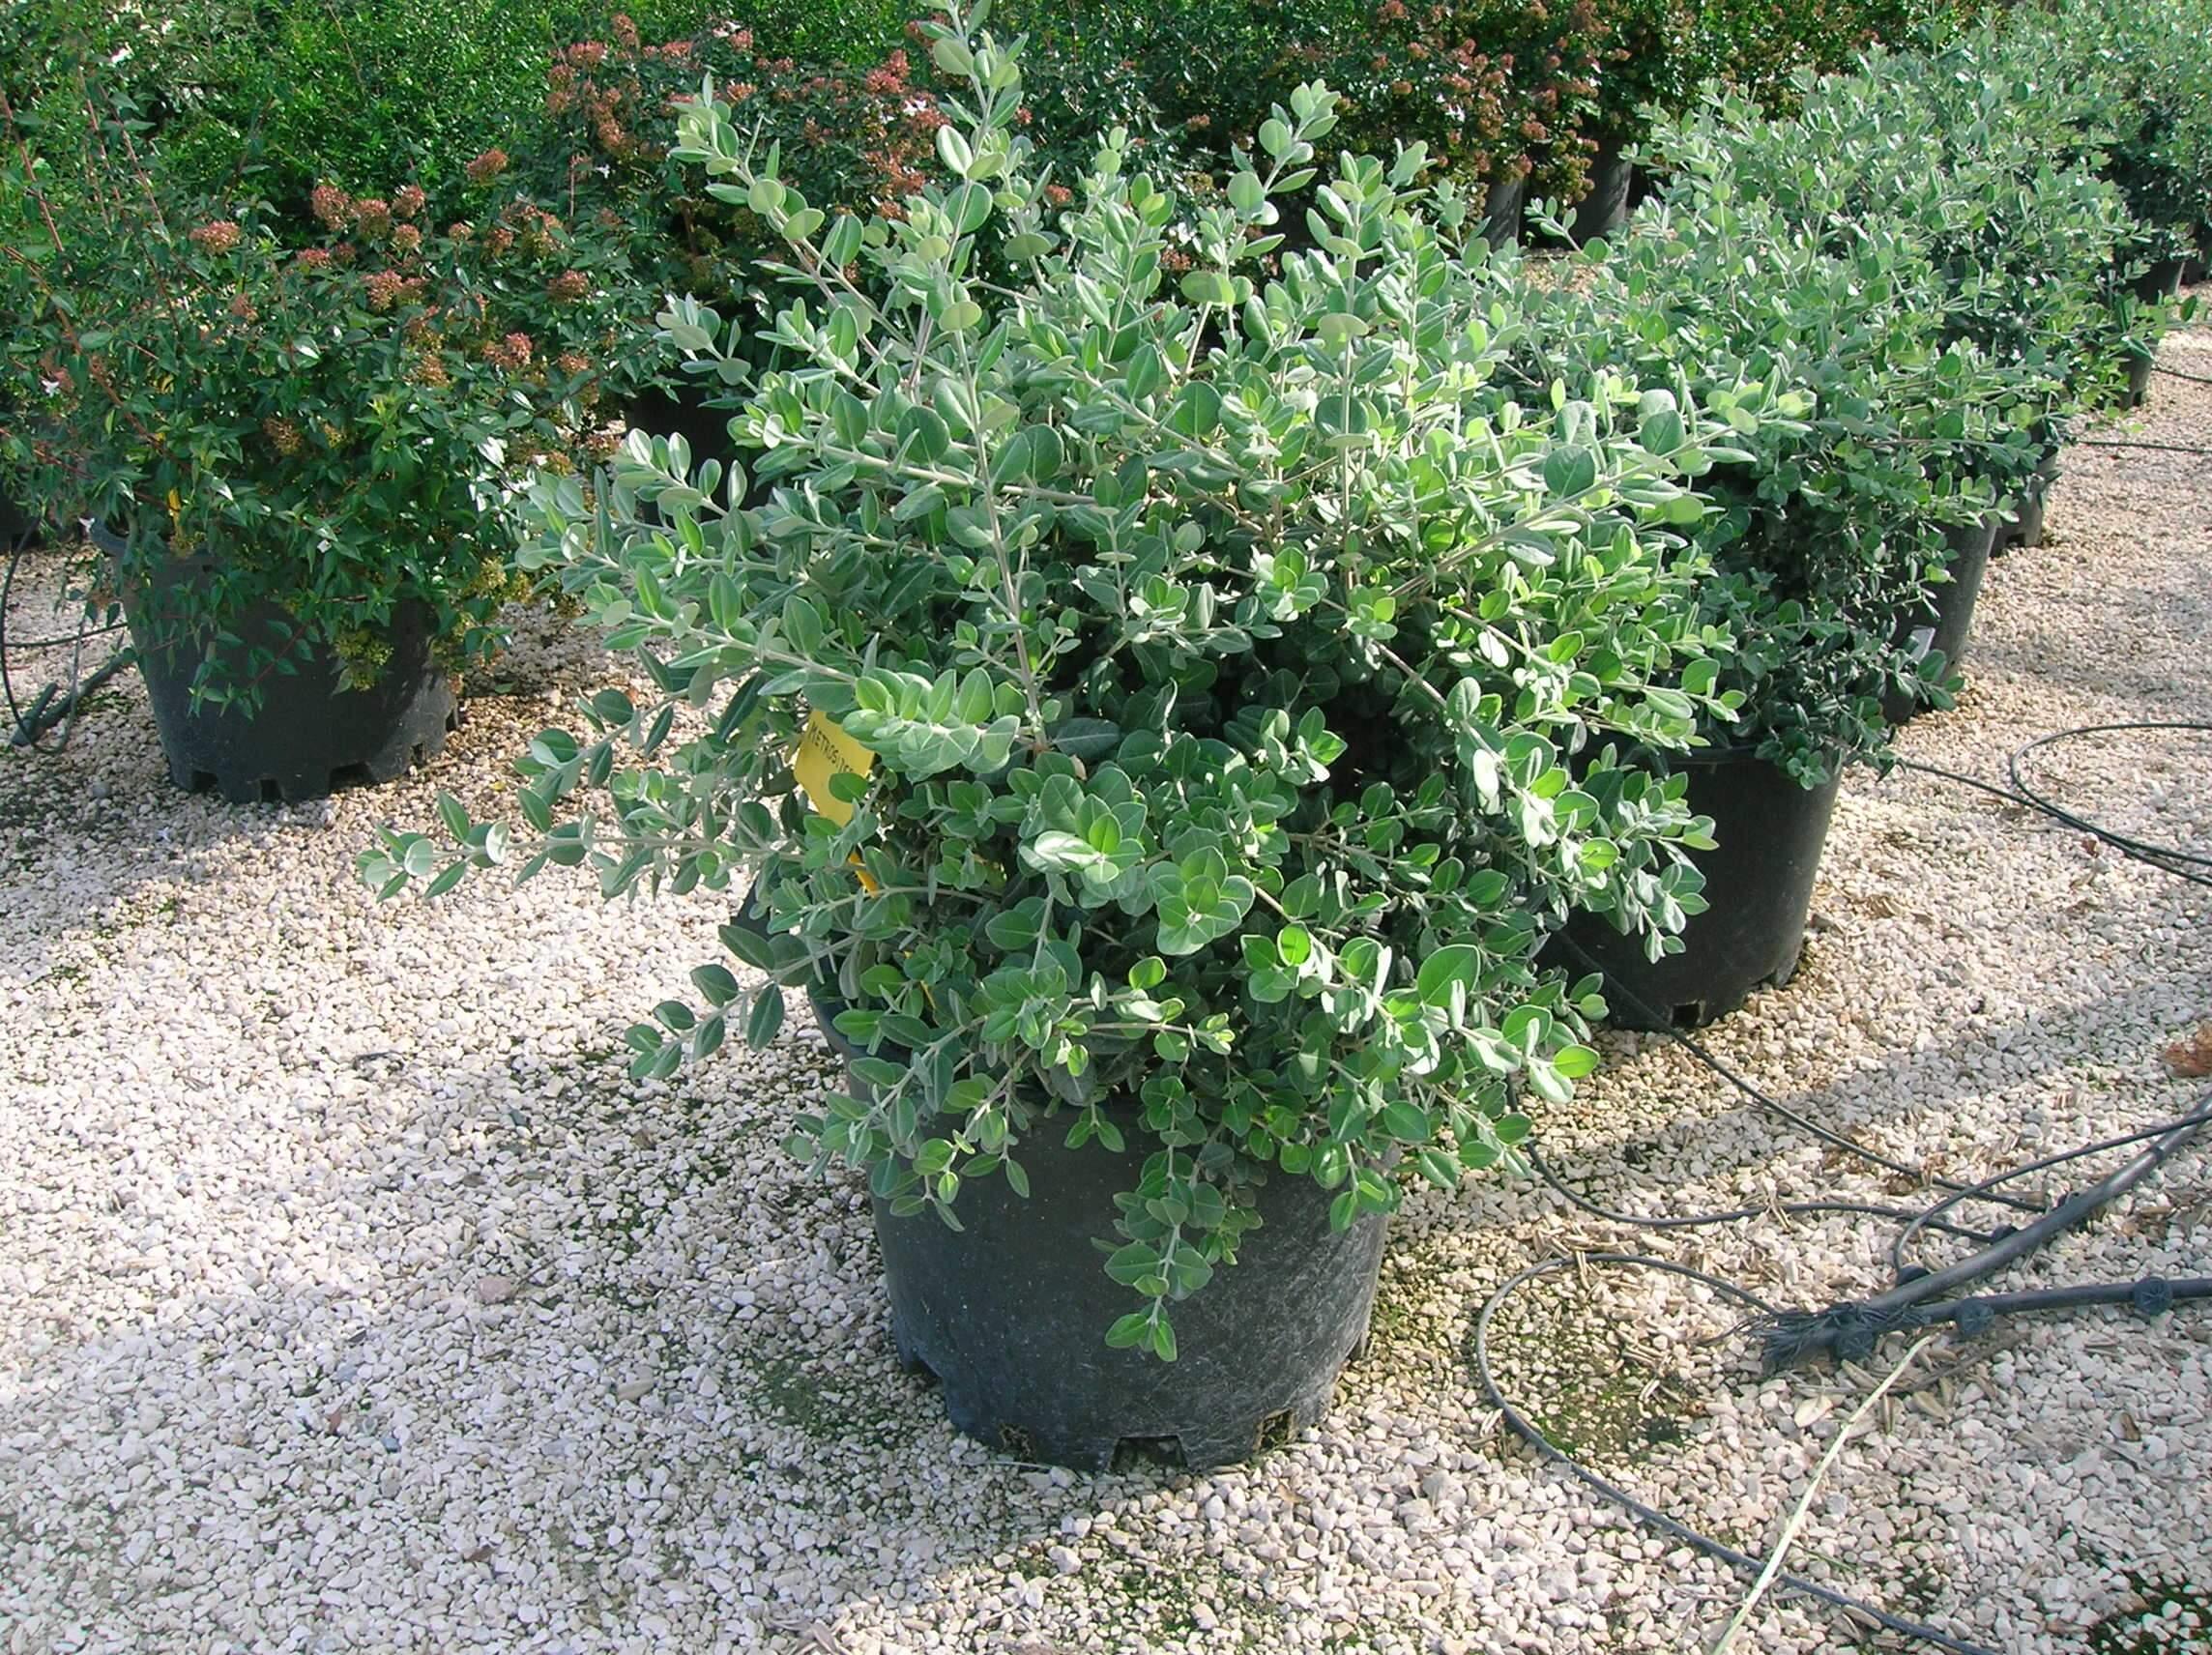 mediterrane exotische pflanzen und kr uter f r die k che und der sch dlingsbek mpfung. Black Bedroom Furniture Sets. Home Design Ideas